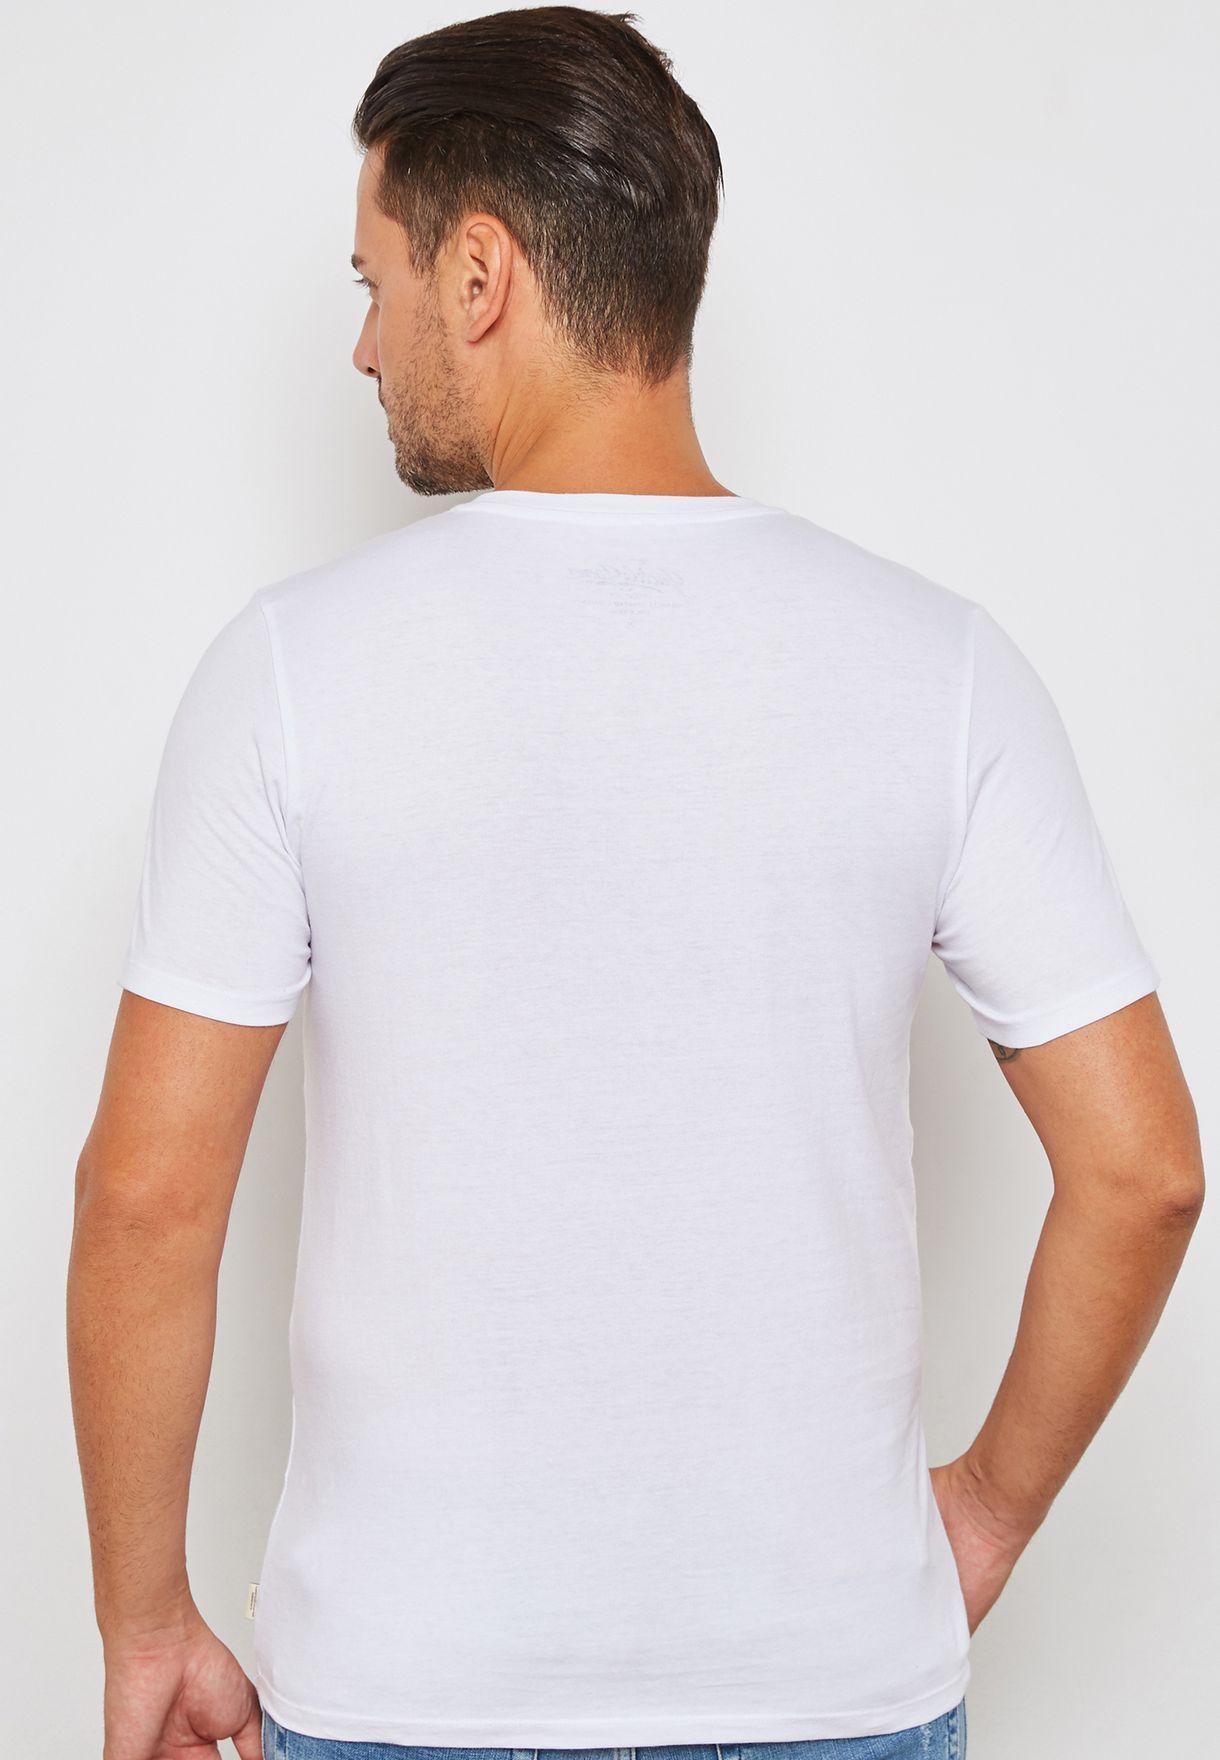 Essential Slim Fit Crew Neck T-Shirt